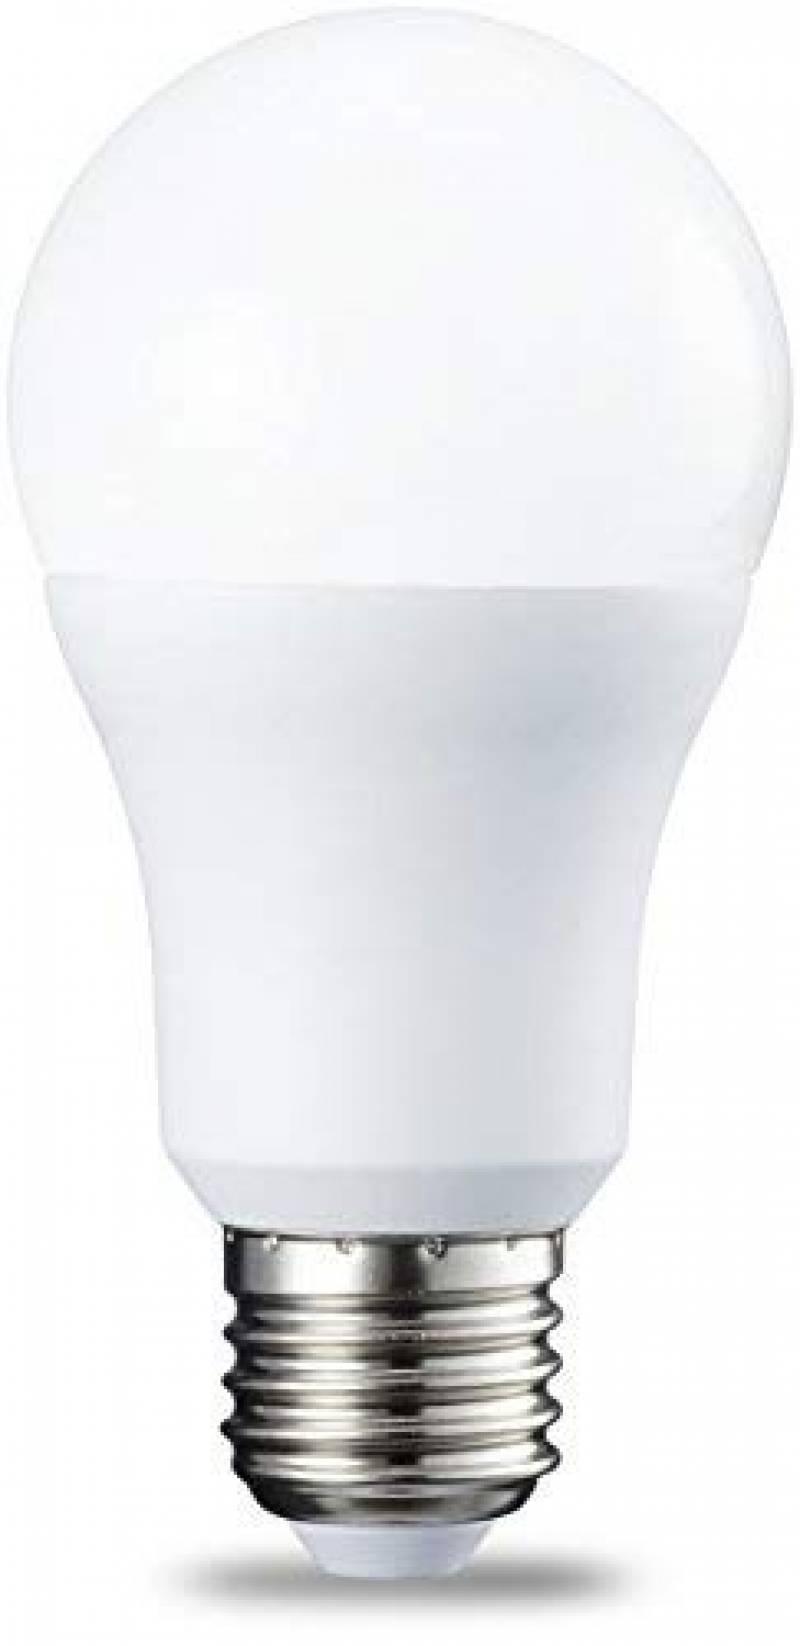 6Comparatif Avis 2019 Pour Led Top Ampoule Votre Ampoules BexoQrdCW